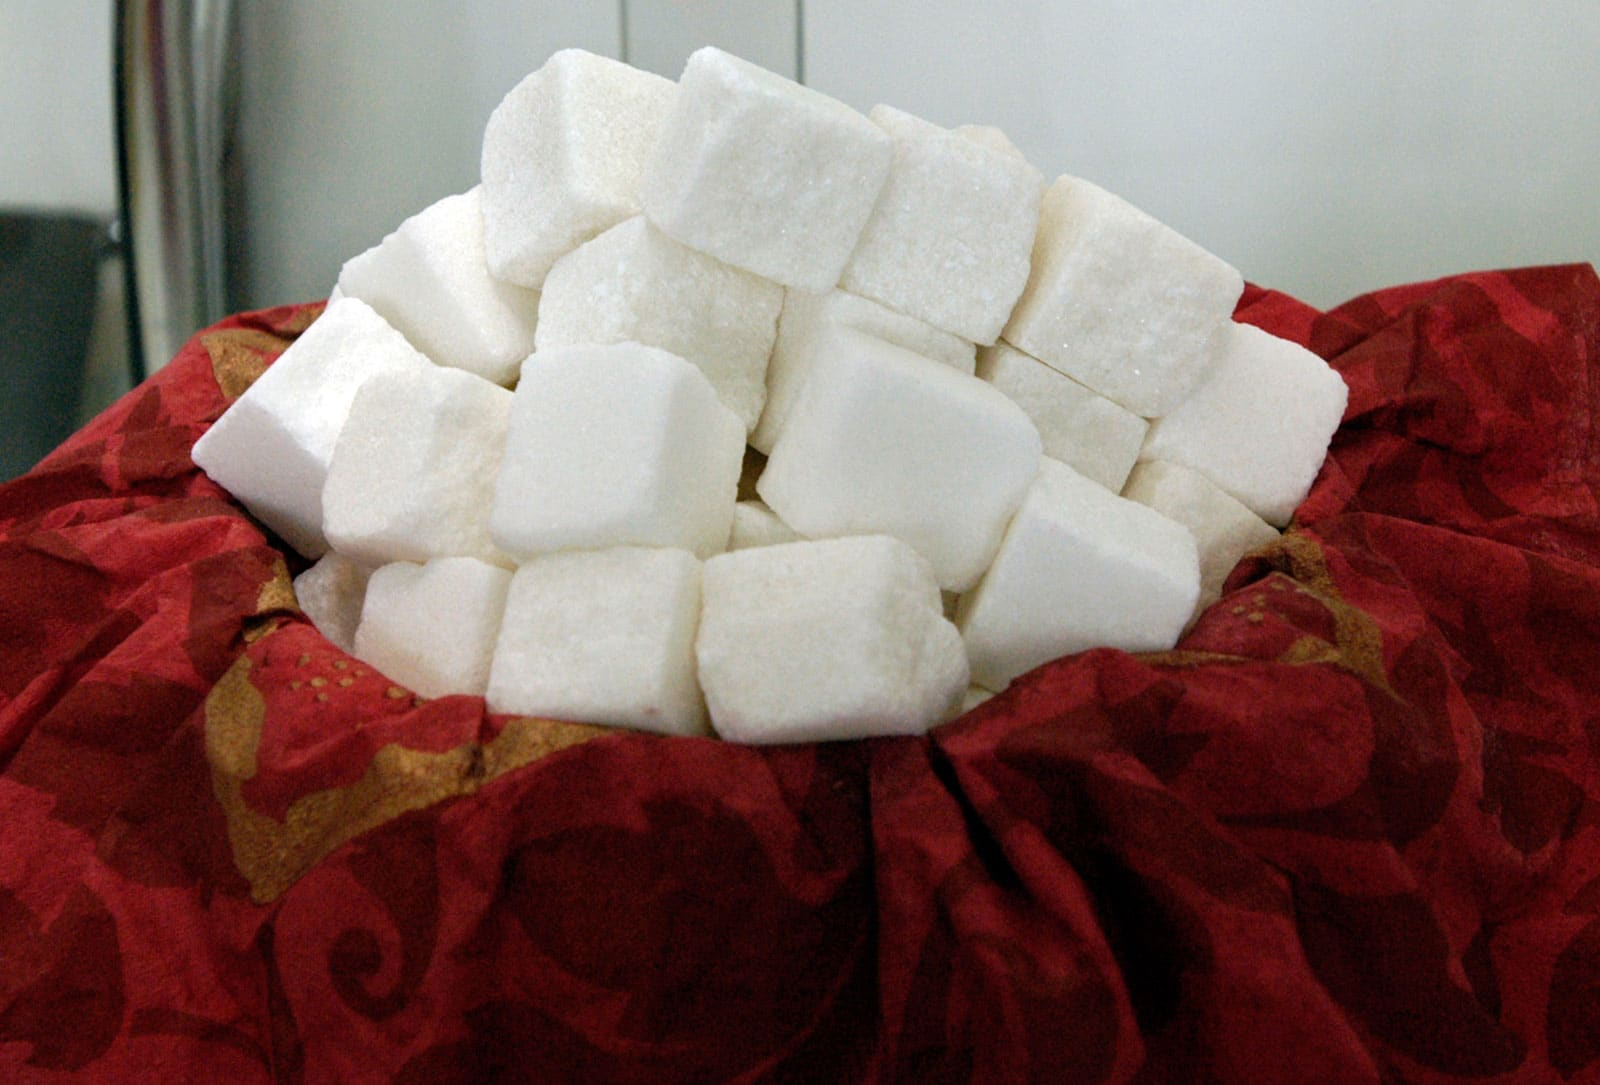 В России останавливаются 3 сахарных завода. Всему виной хороший урожай и Узбекистан